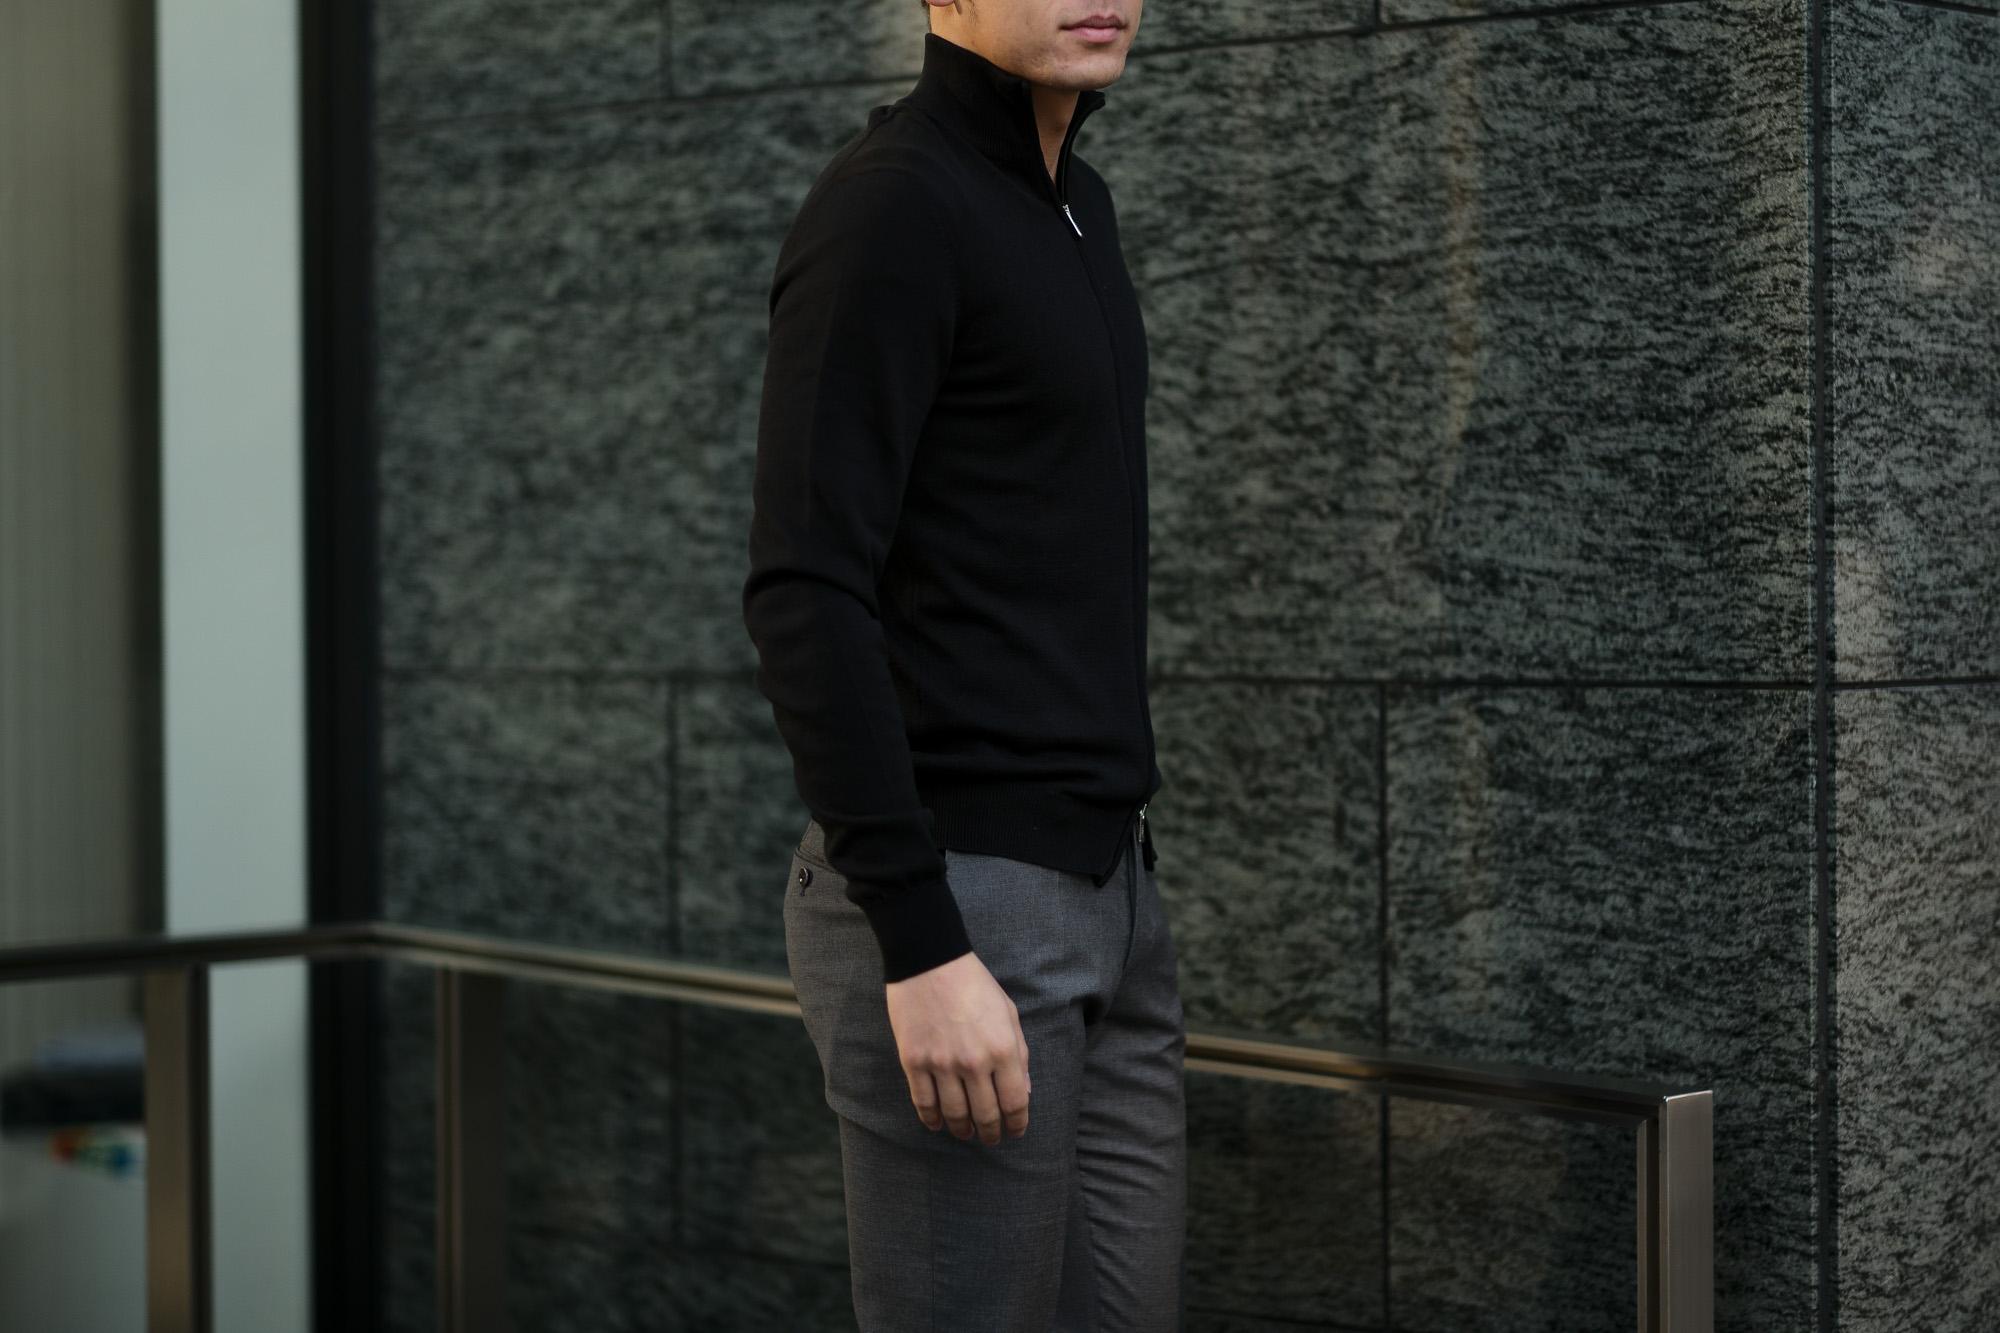 FEDELI (フェデーリ) Zip Up Cardigan (ジップアップ カーディガン) スーピマコットン ニット カーディガン BLACK (ブラック・36) made in italy (イタリア製) 2019 春夏新作 愛知 名古屋 altoediritto アルトエデリット